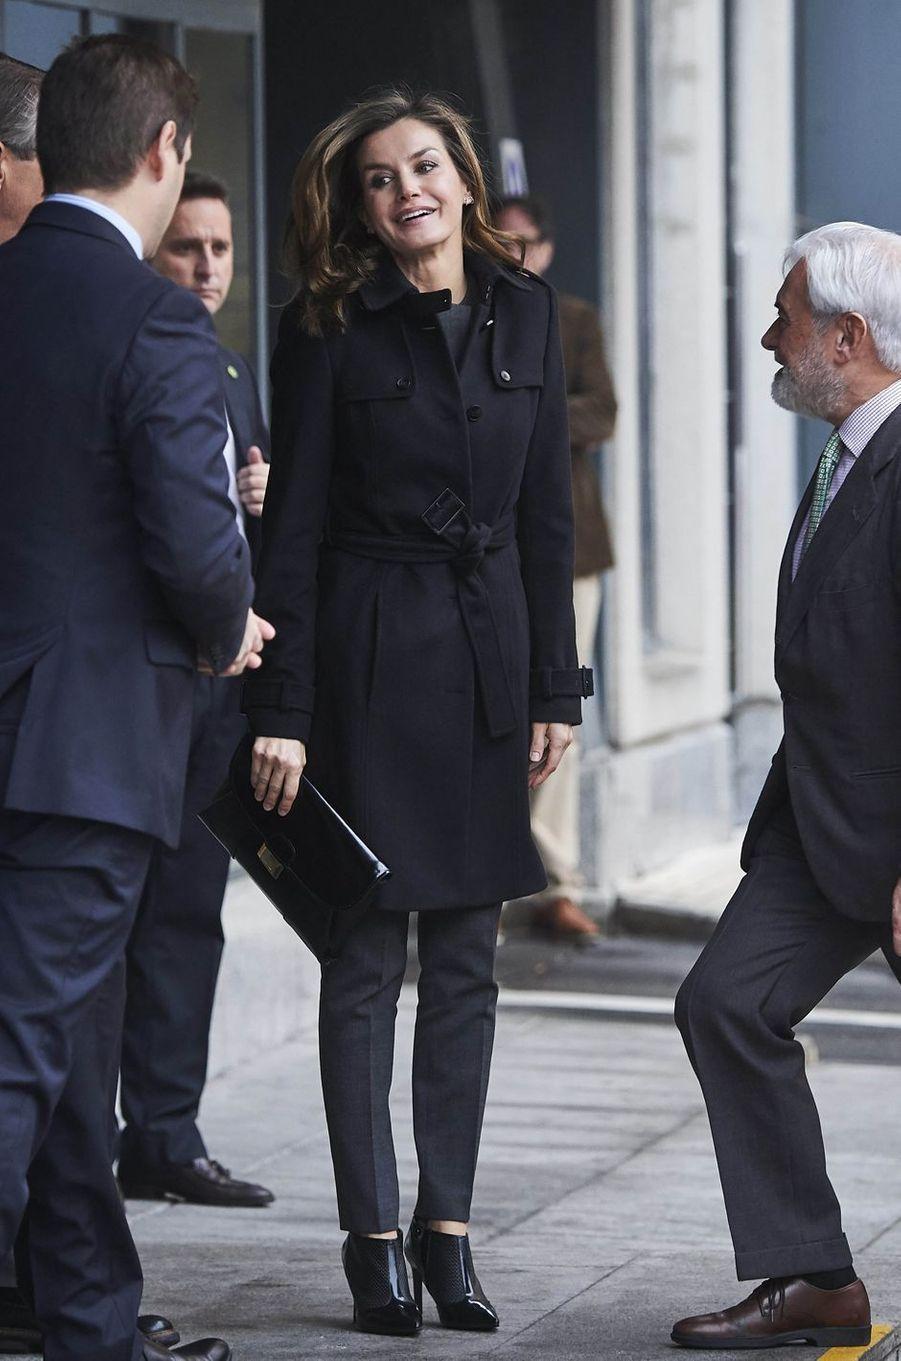 La reine Letizia d'Espagne arrive à une réunion à Madrid, le 10 janvier 2018